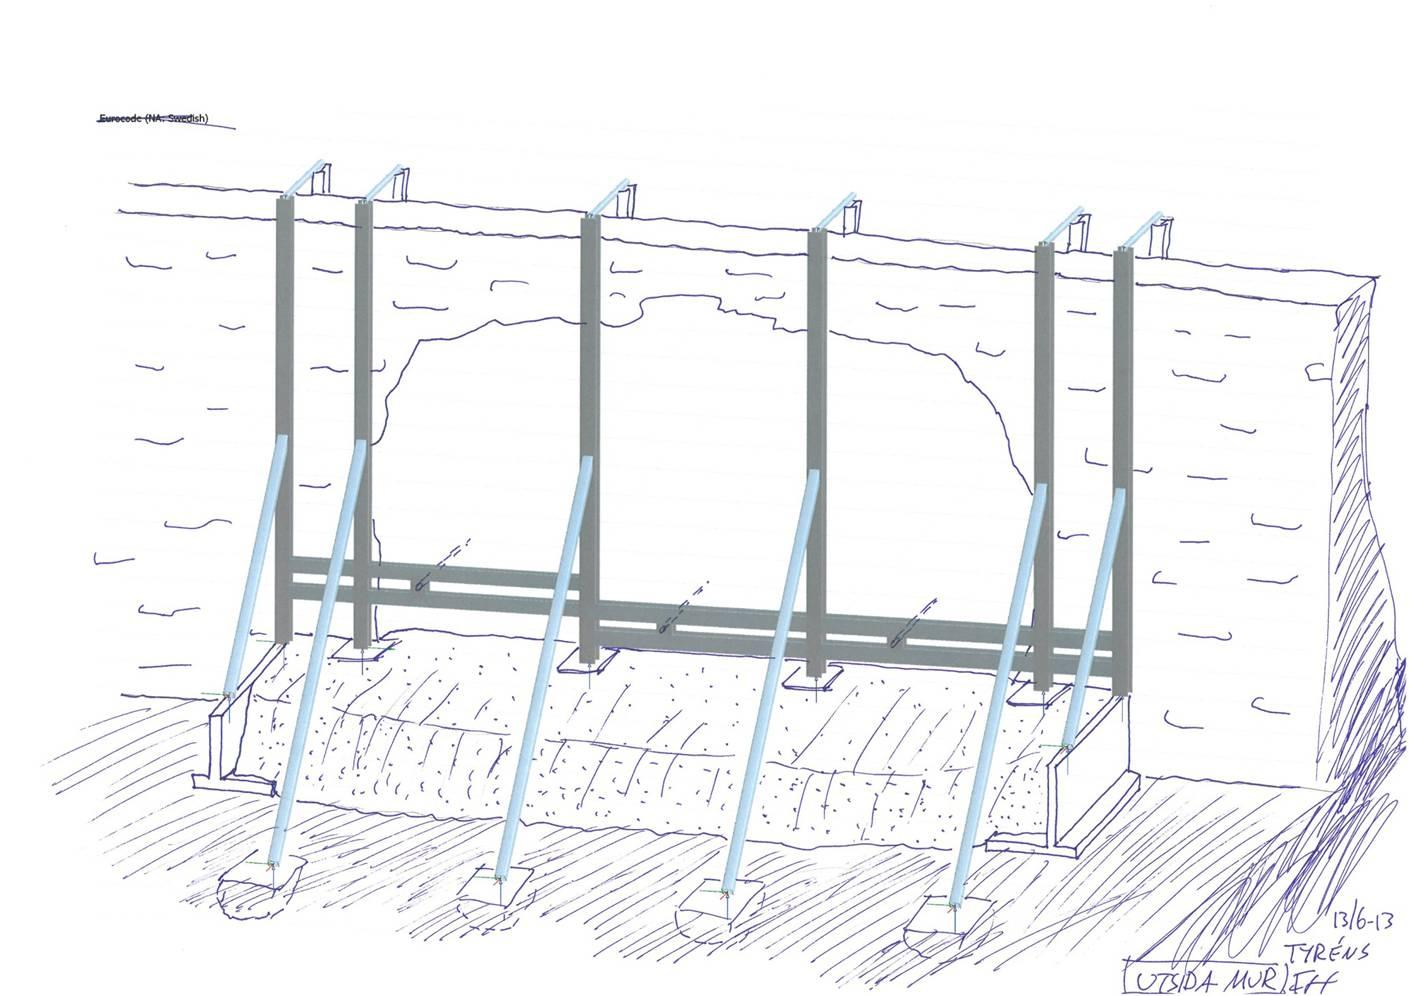 Skiss på hur stålkonstruktionen bärs upp av en gjuten platta, muren sett från utsidan.